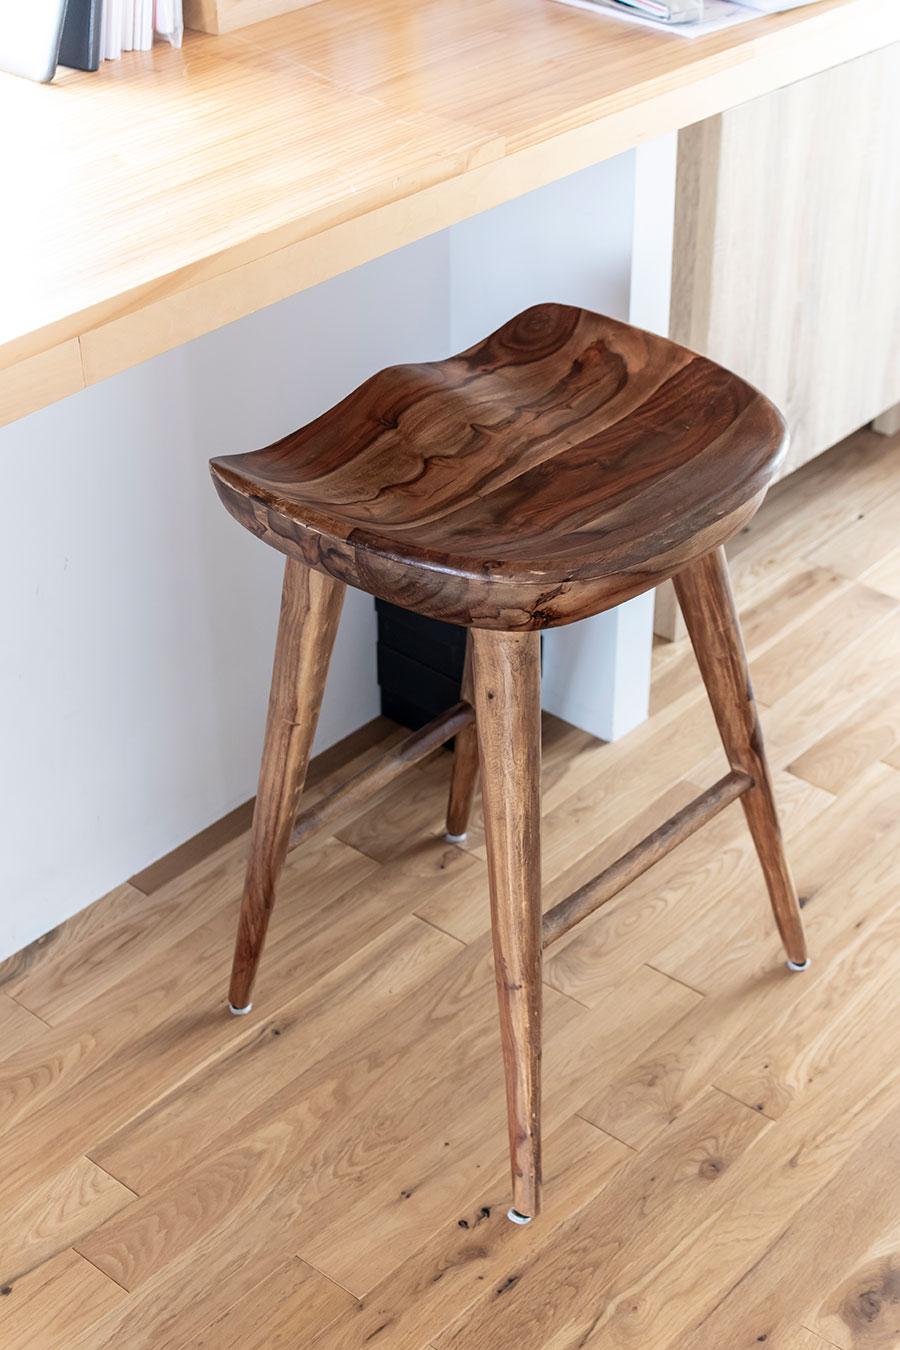 おしりの形に合わせてくぼんだ座面のスツール。長時間座っていても疲れにくい。